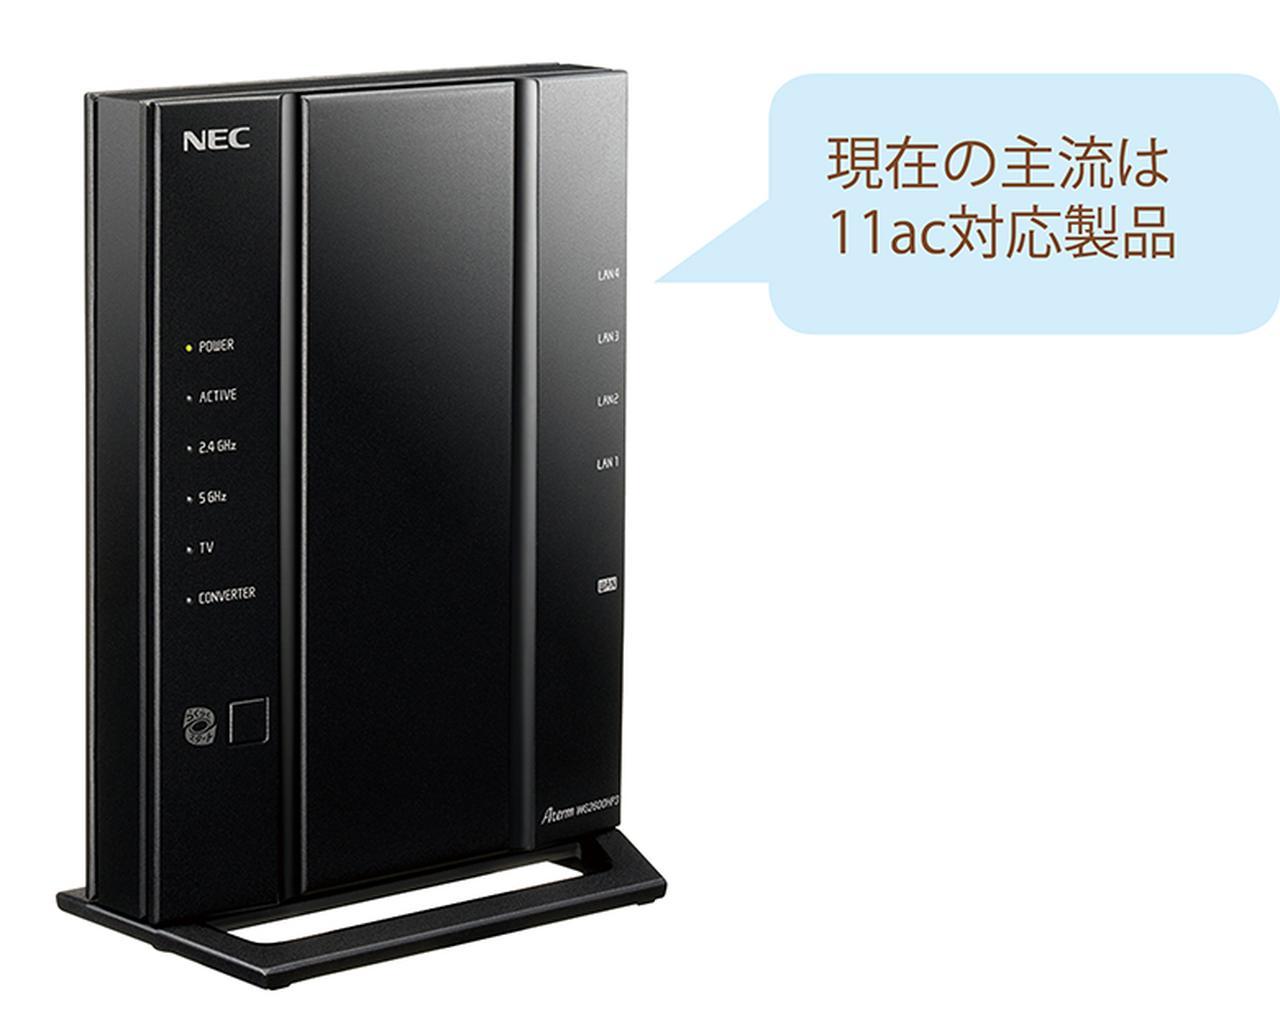 画像: NEC Aterm WG2600HP3